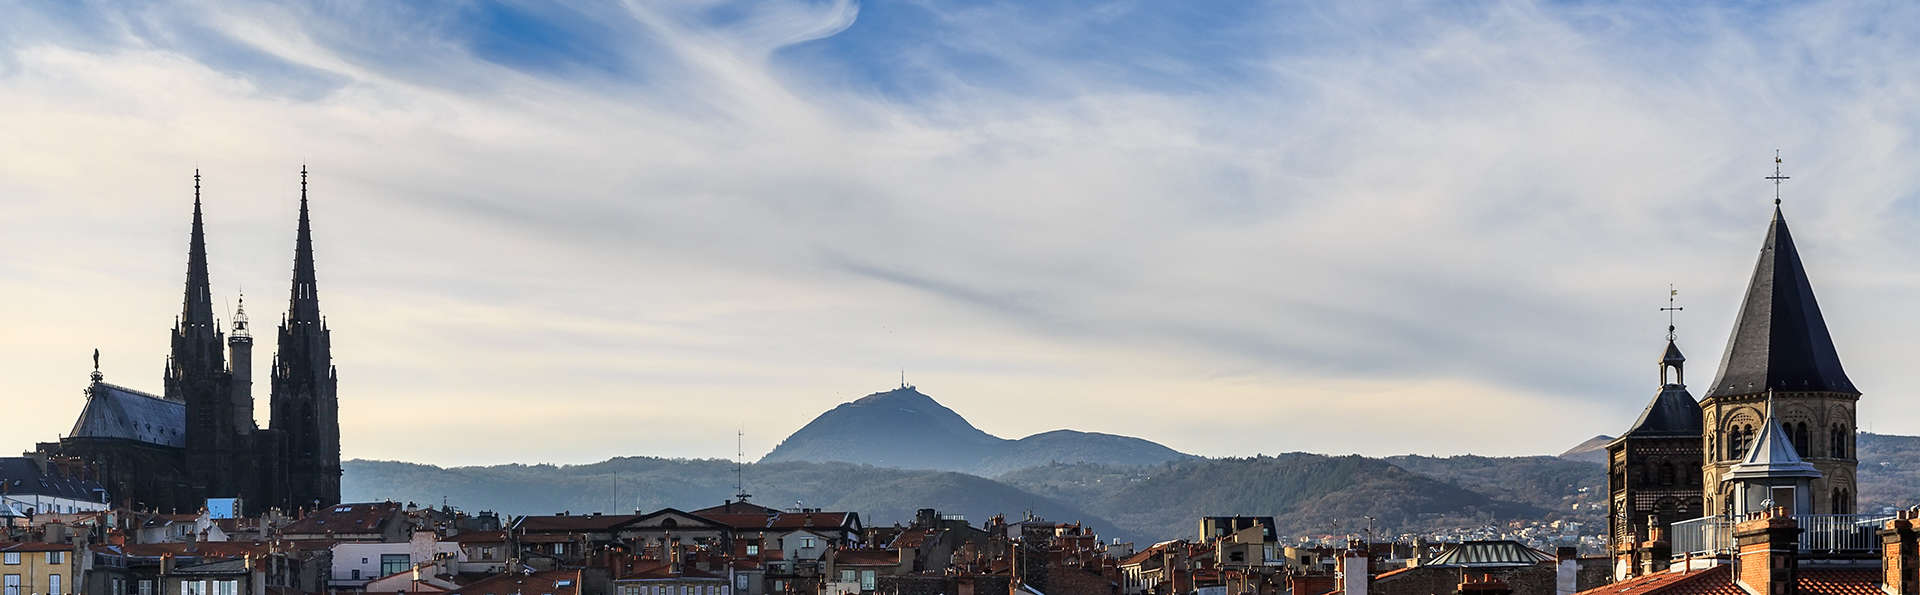 Le Relais des Puys - Edit_Auvergne.jpg